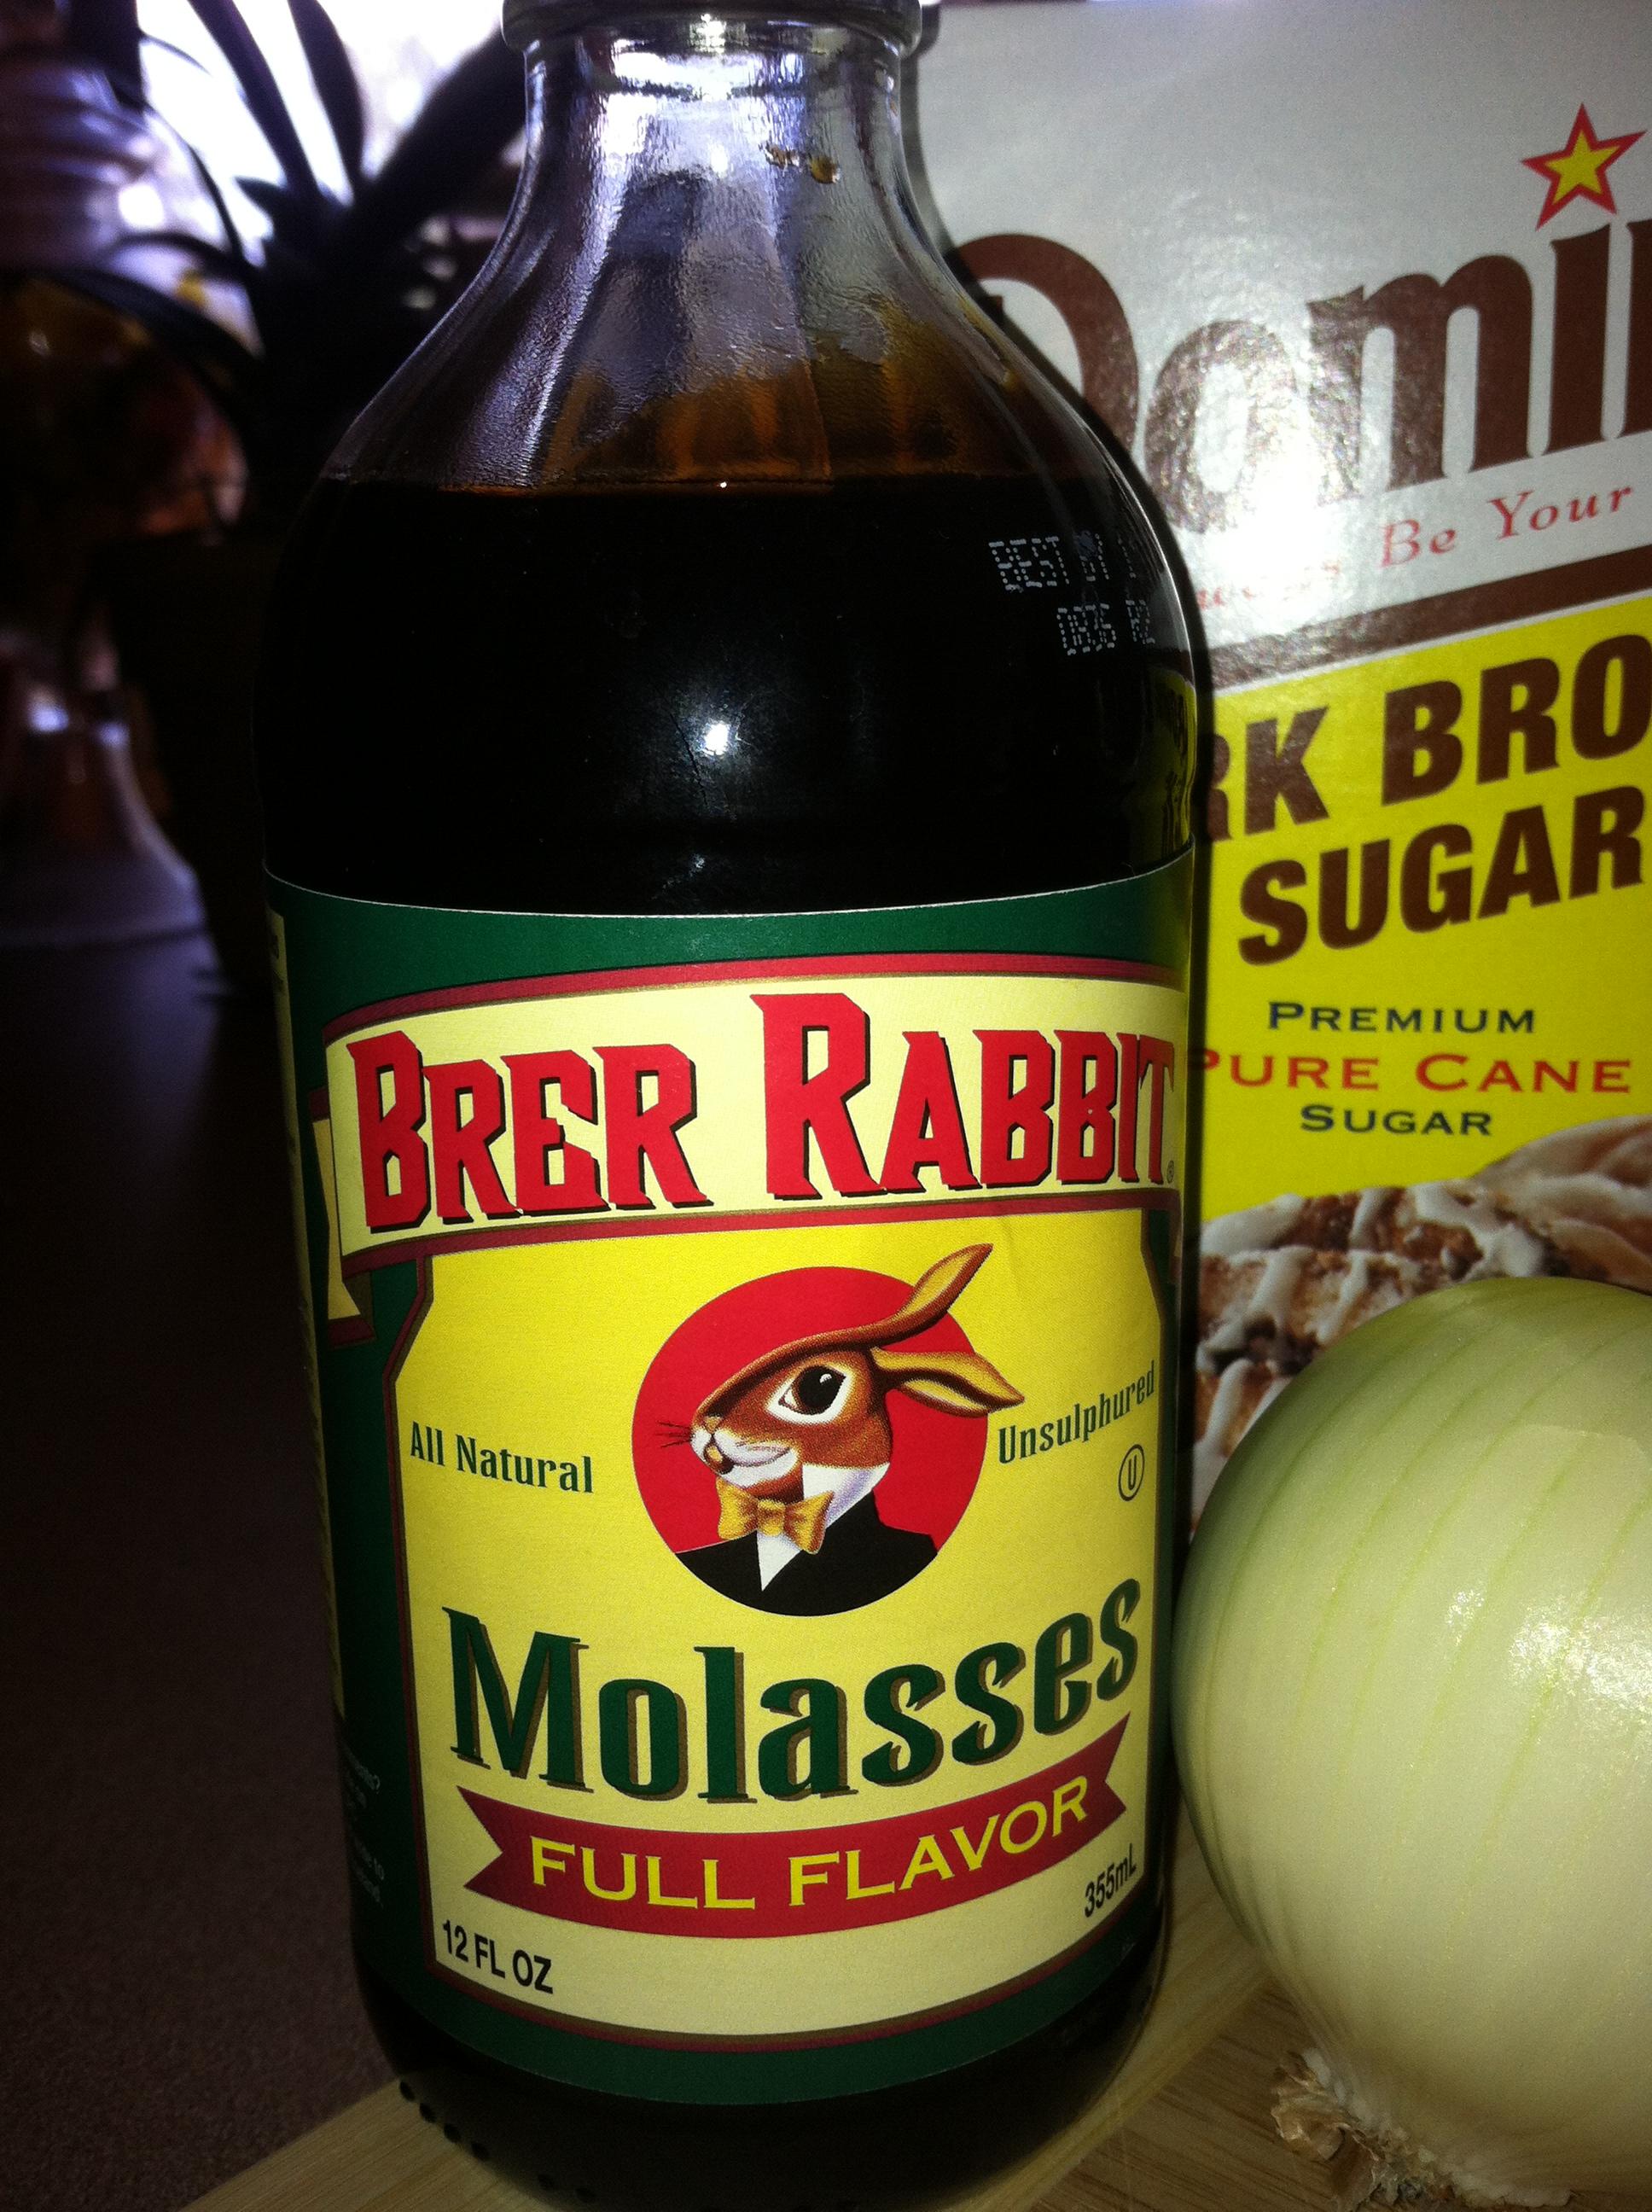 Brer Rabbit Molasses Molasses if Brer Rabbit